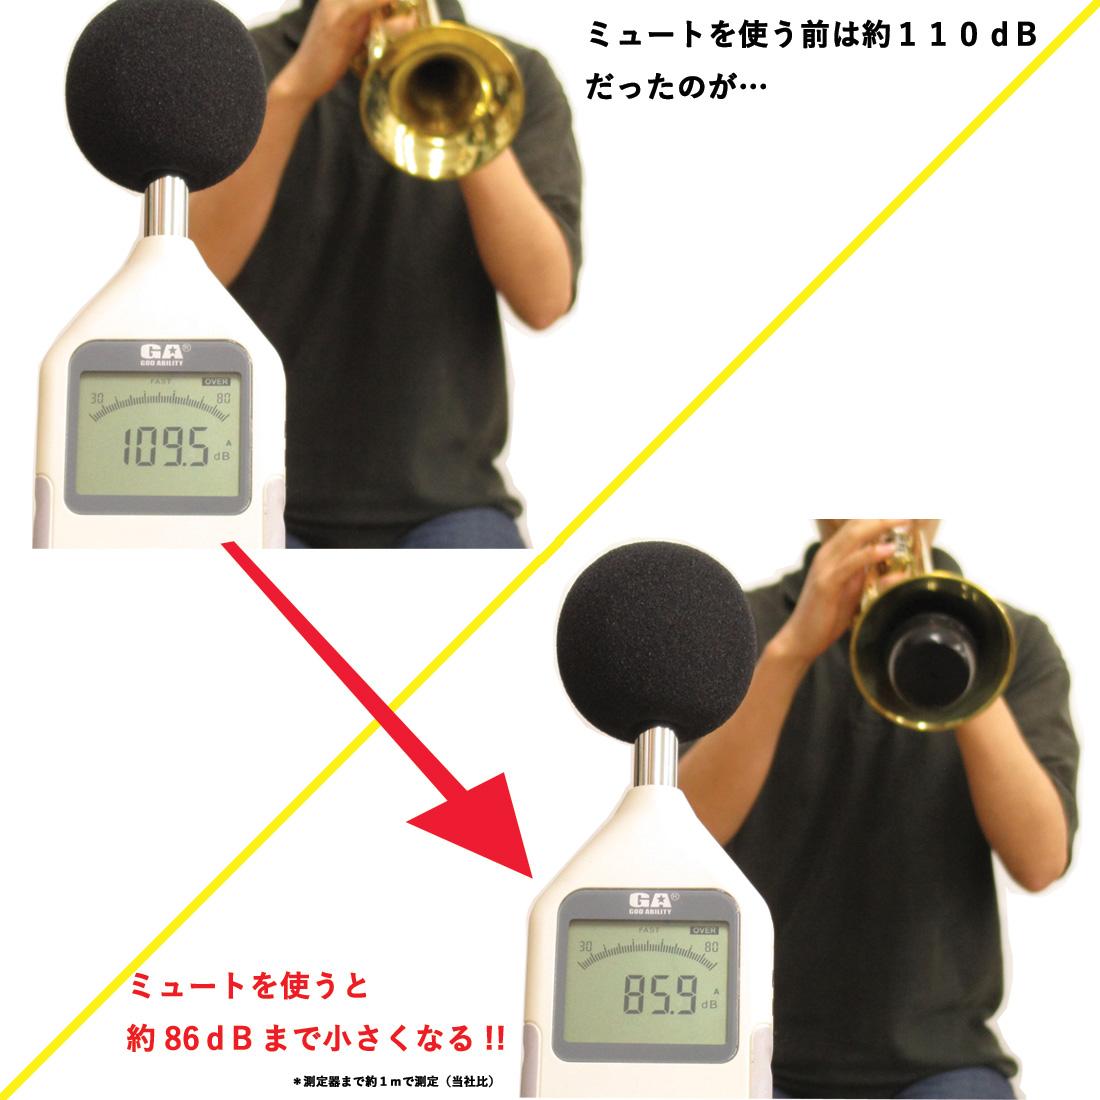 トランペットを吹くと約110dBですが、練習用ミュートを使用すると約86dB程度まで音量が下がります。(当店比)<br>演奏される環境や条件等により感じ方や大きさは違いますのであくまで参考としてご覧ください。<br>*測定条件は、トランペットのベルまで約1mの位置に測定器を置いて測定しています。